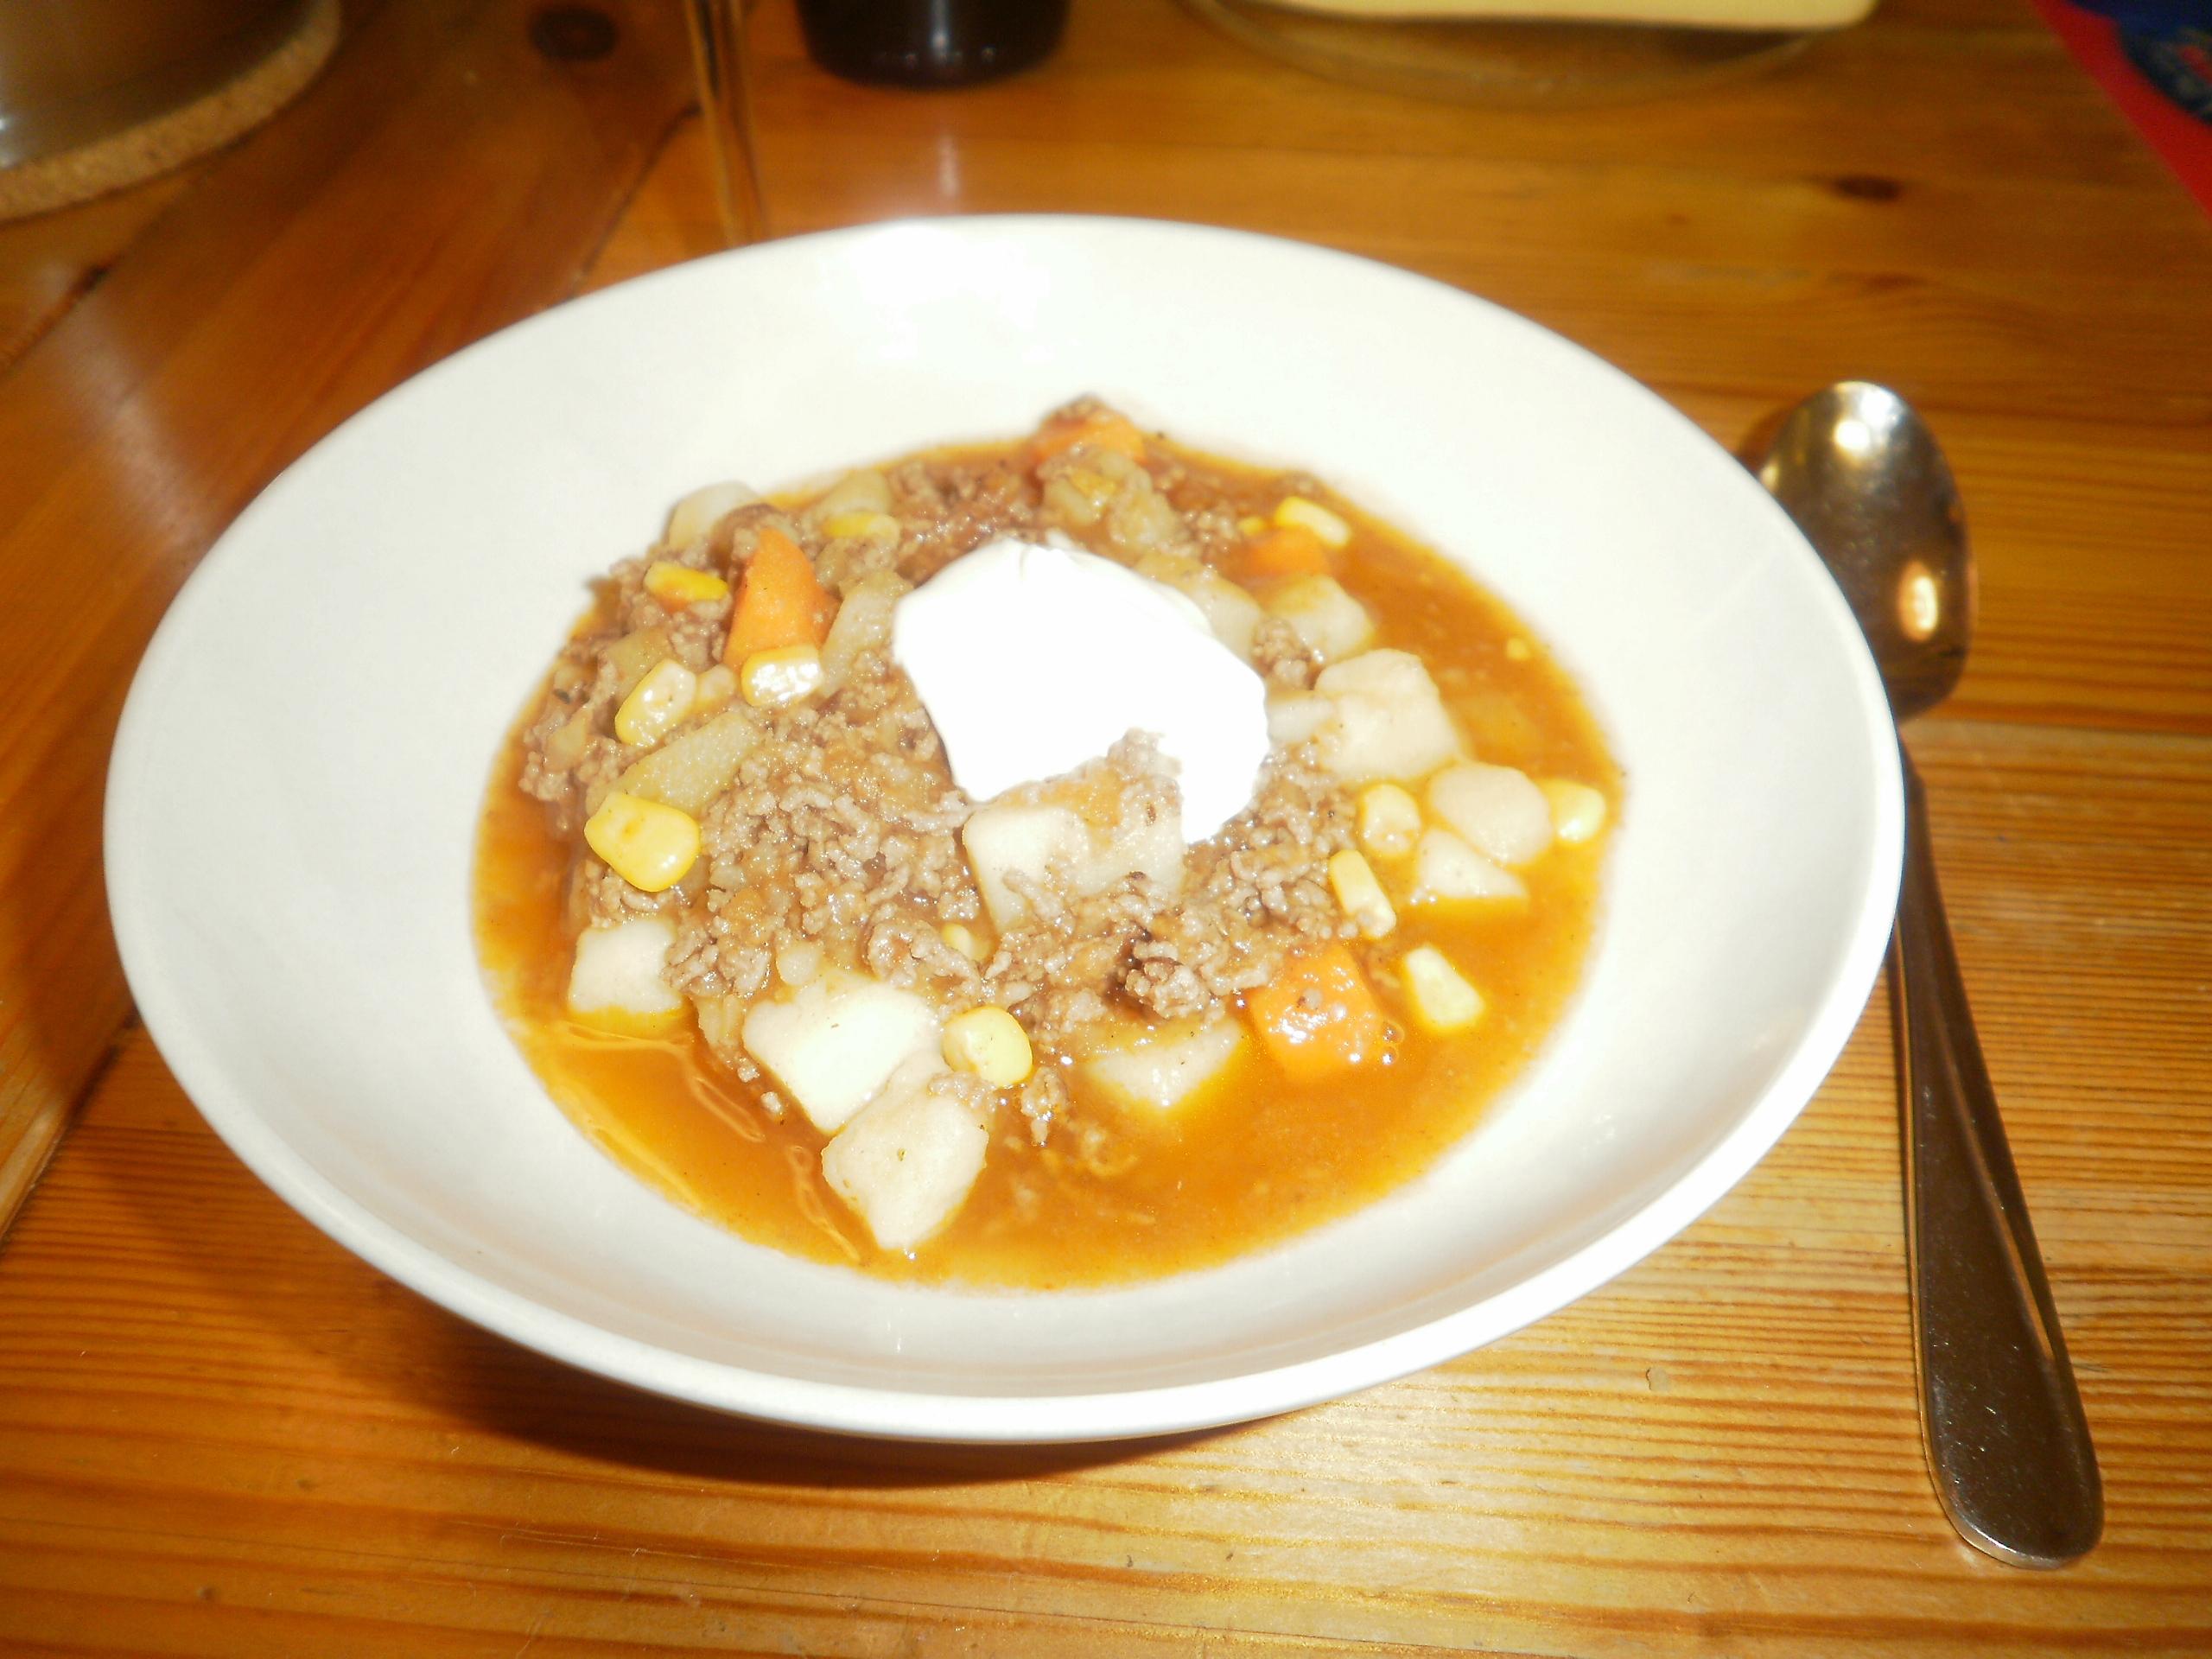 het köttfärssoppa med chili och potatis